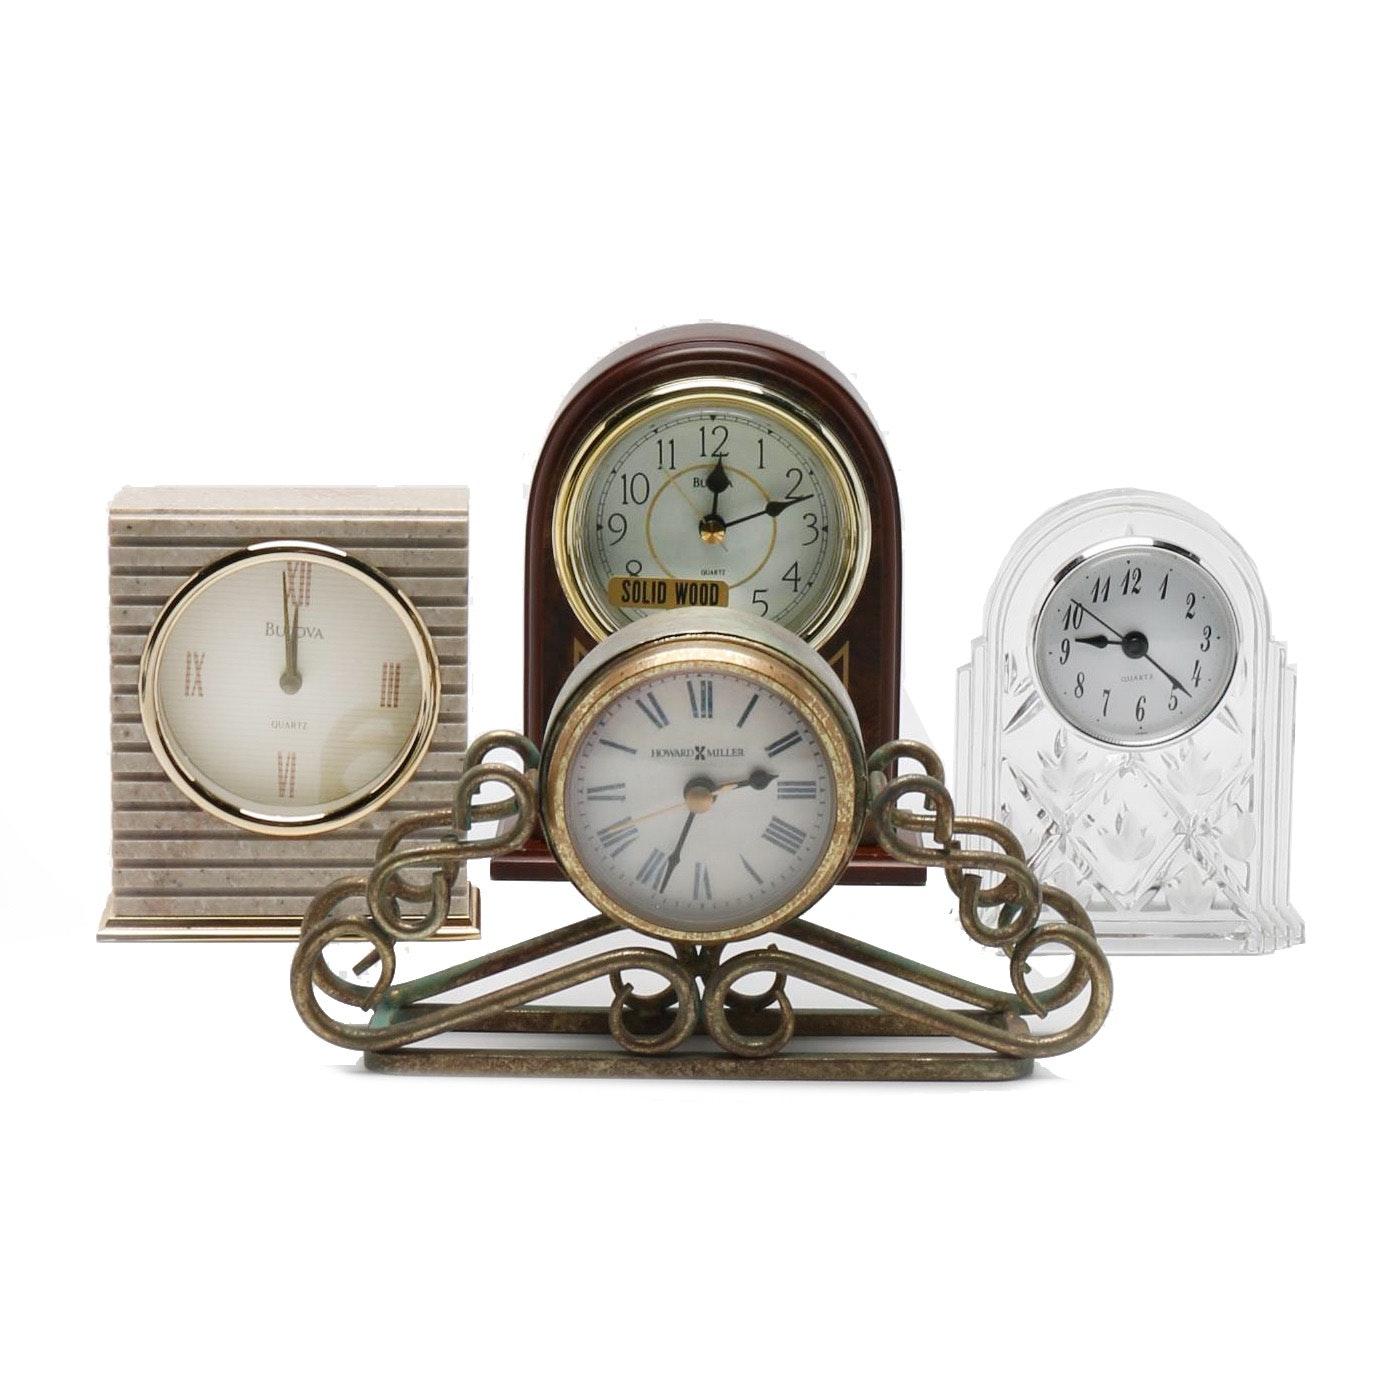 Mantel and Desk Clocks Including Bulova